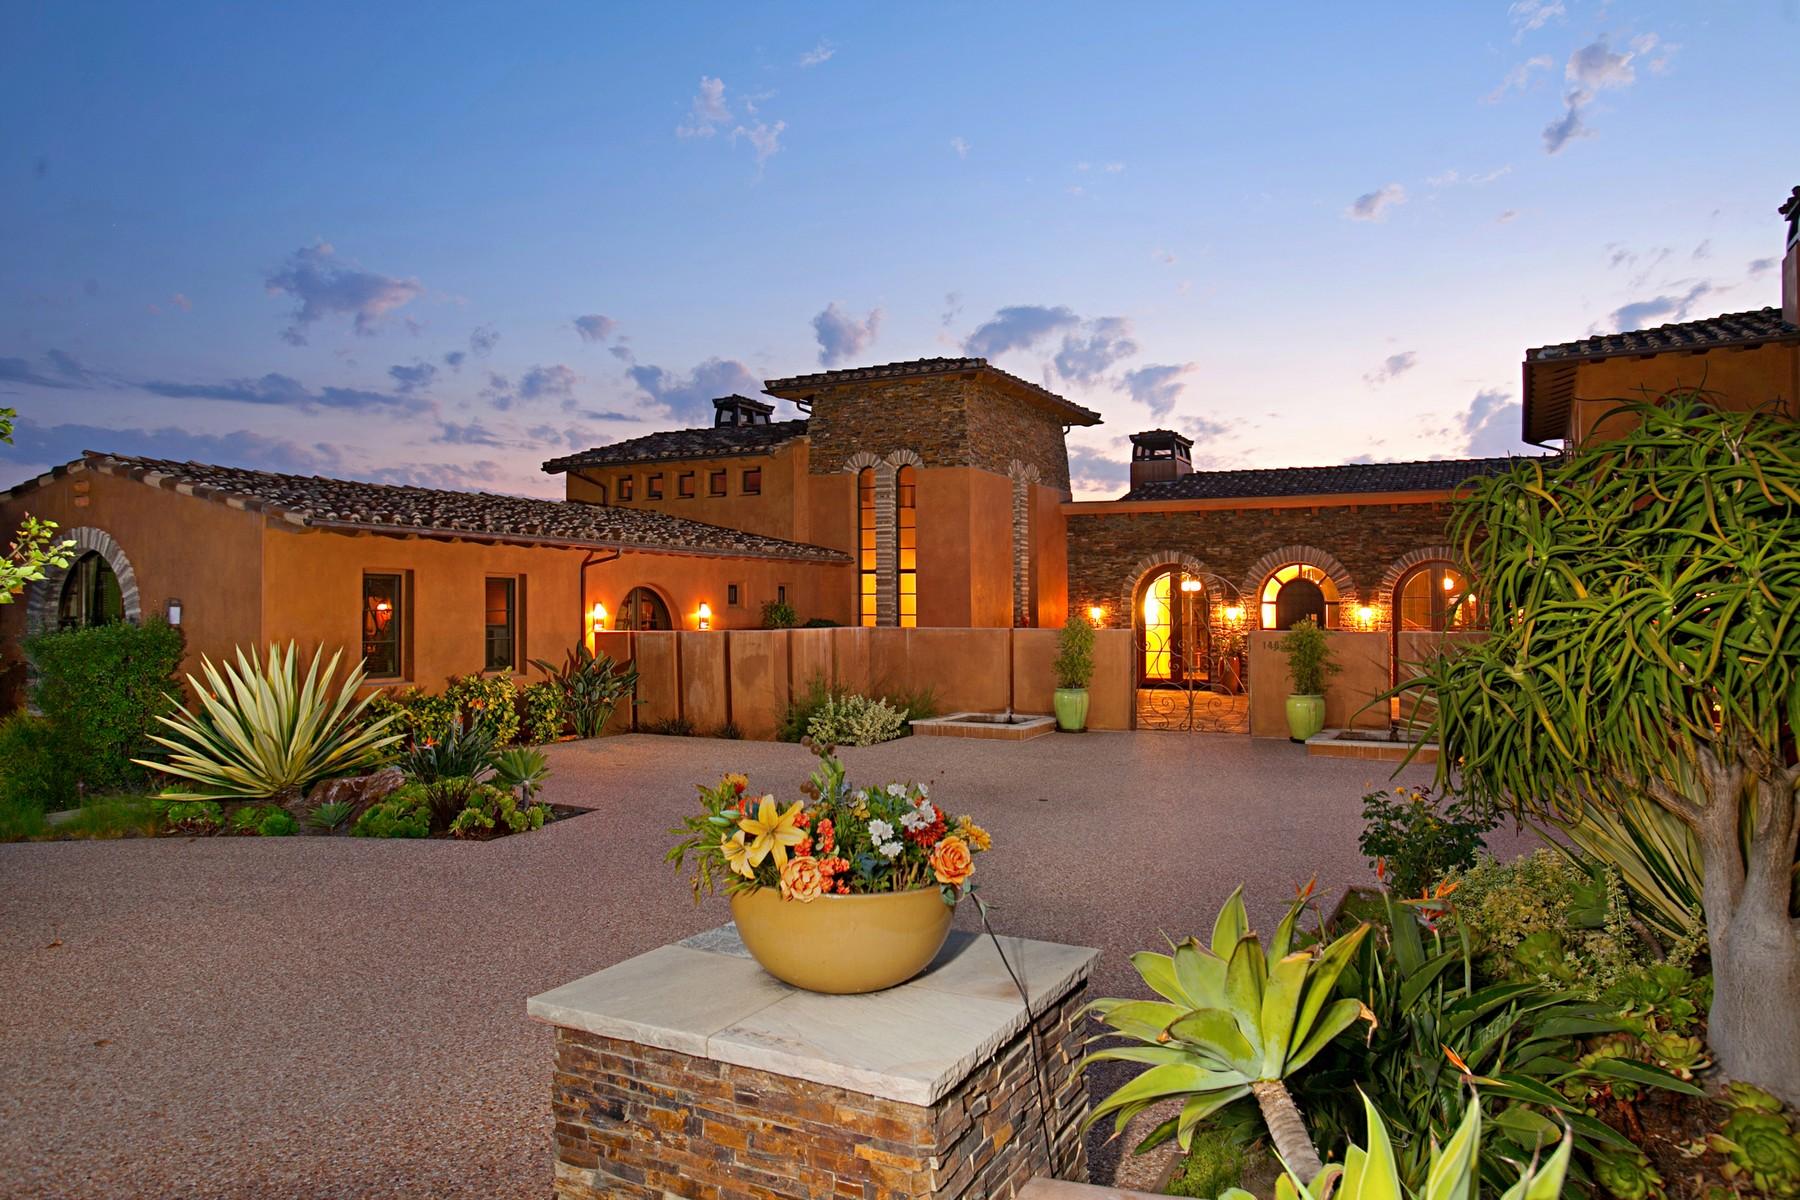 Частный односемейный дом для того Продажа на 14821 Rancho Valencia Vista Rancho Santa Fe, Калифорния 92067 Соединенные Штаты